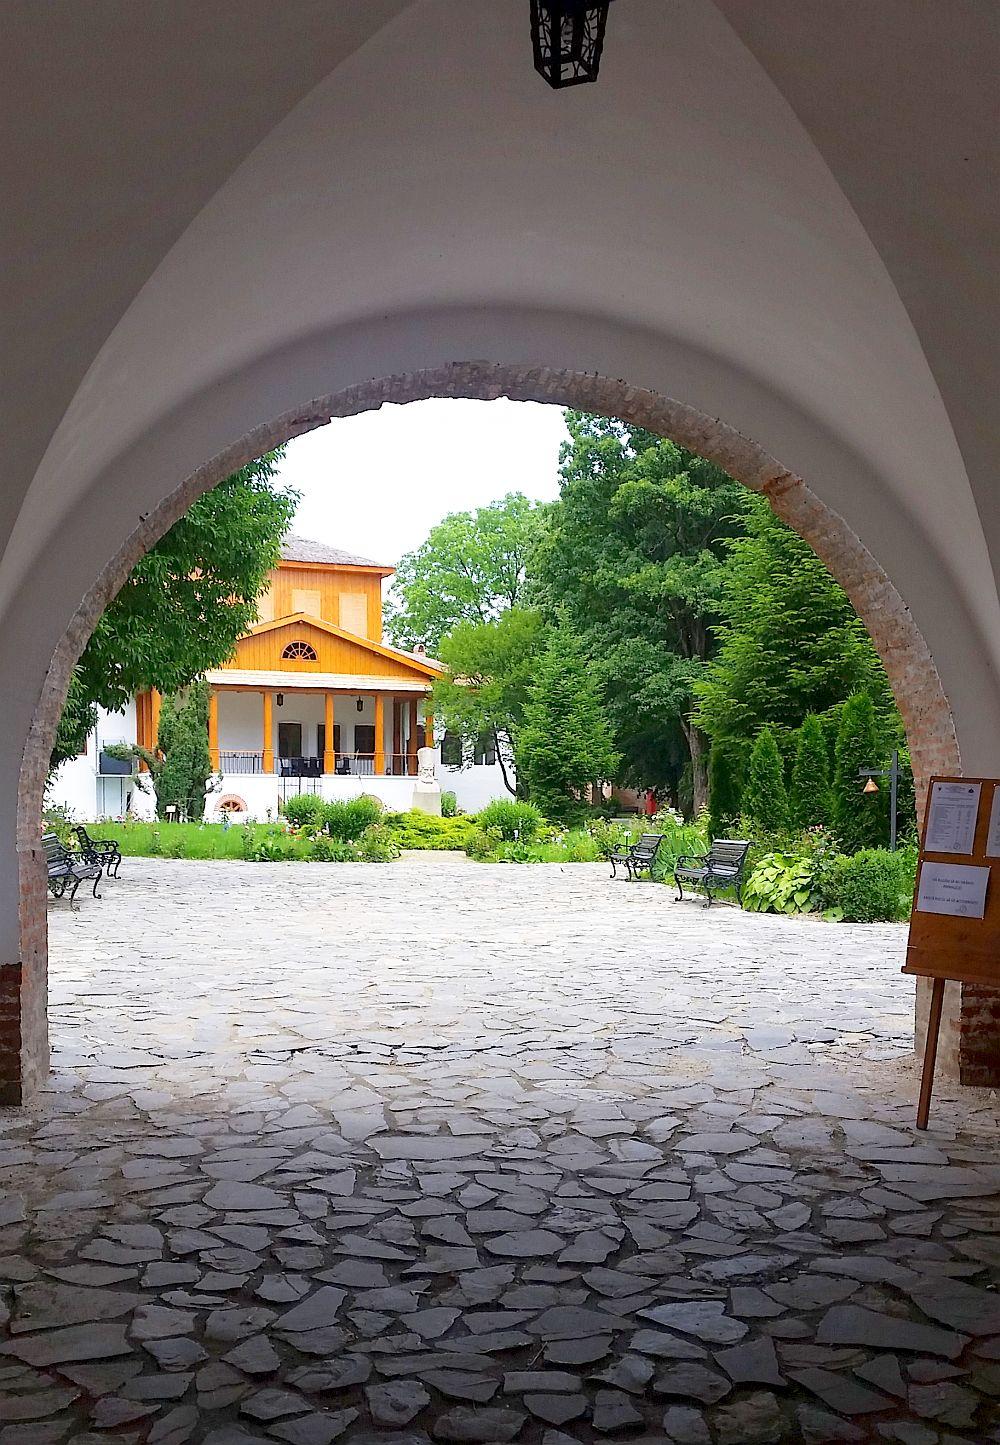 adelaparvu.com despre Conacul Golestilor, Muzeul Viticulturii si Pomiculturii, jud Arges, Romania(6)